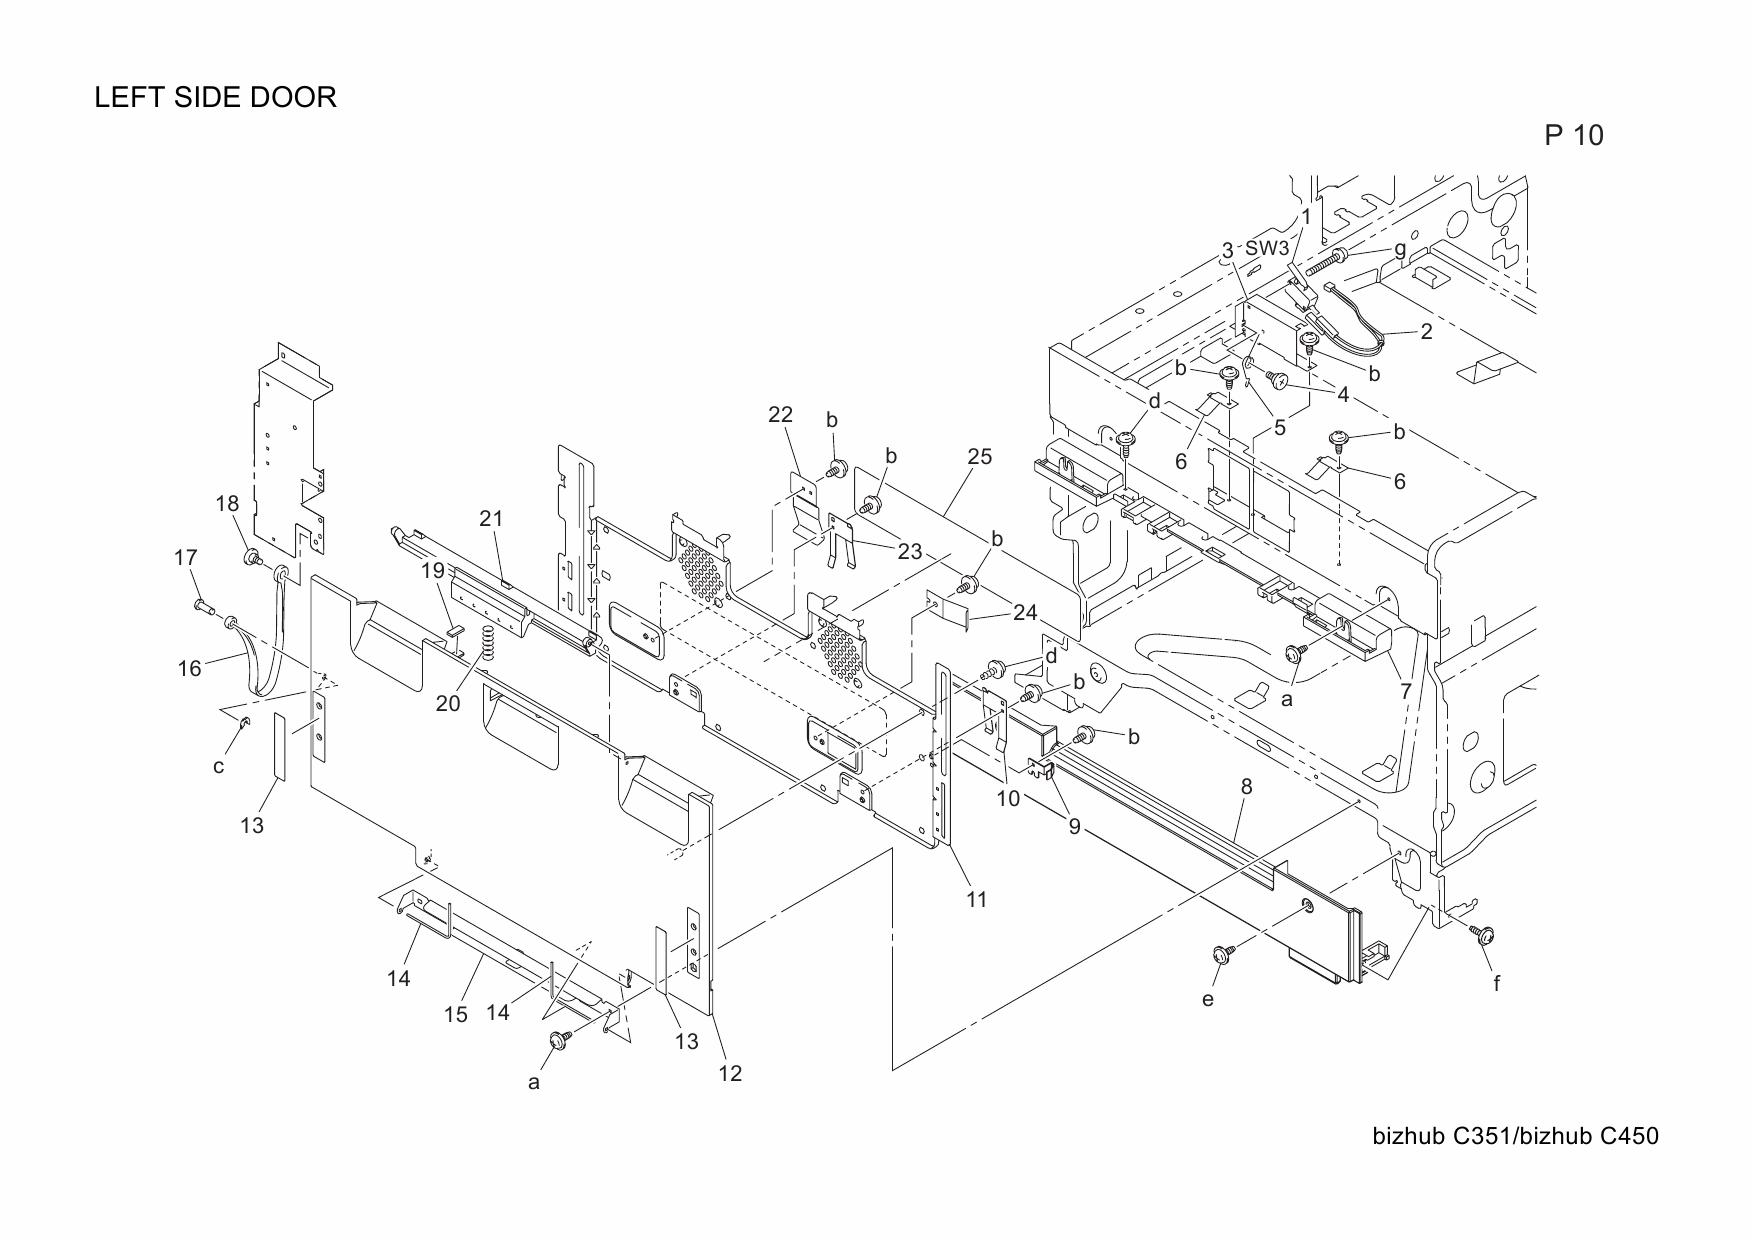 Konica Minolta Bizhub C353 Manual